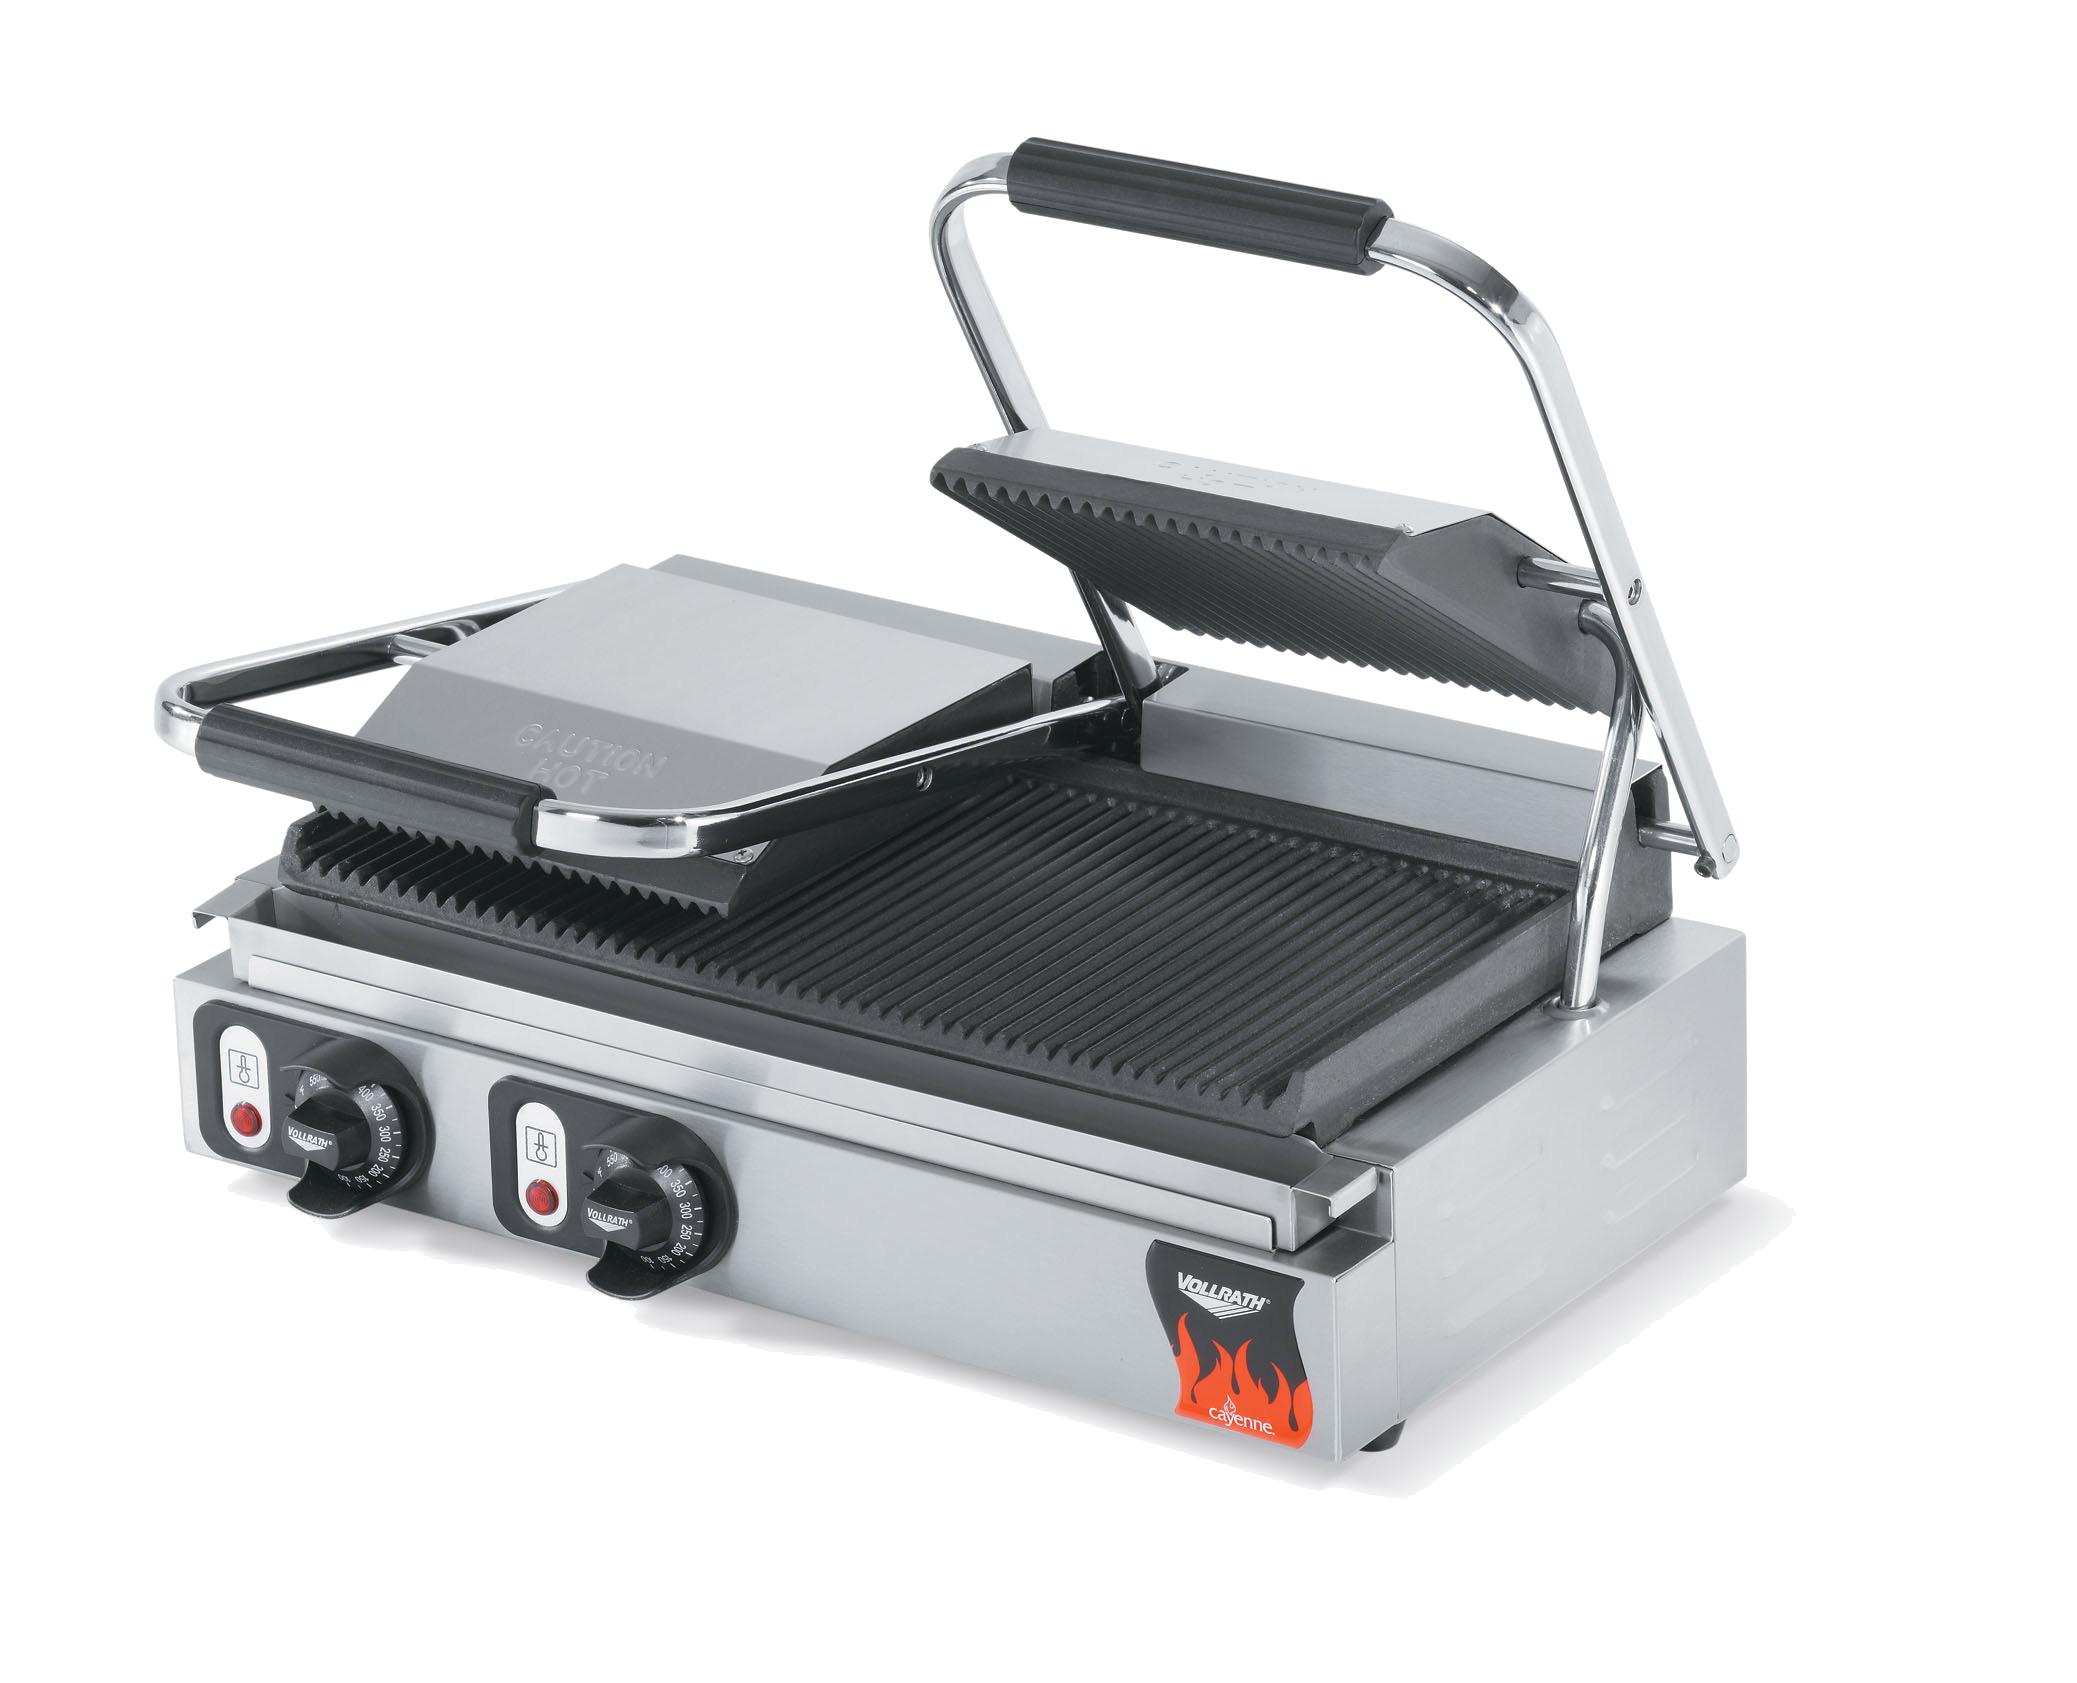 Vollrath 40795 sandwich / panini grill